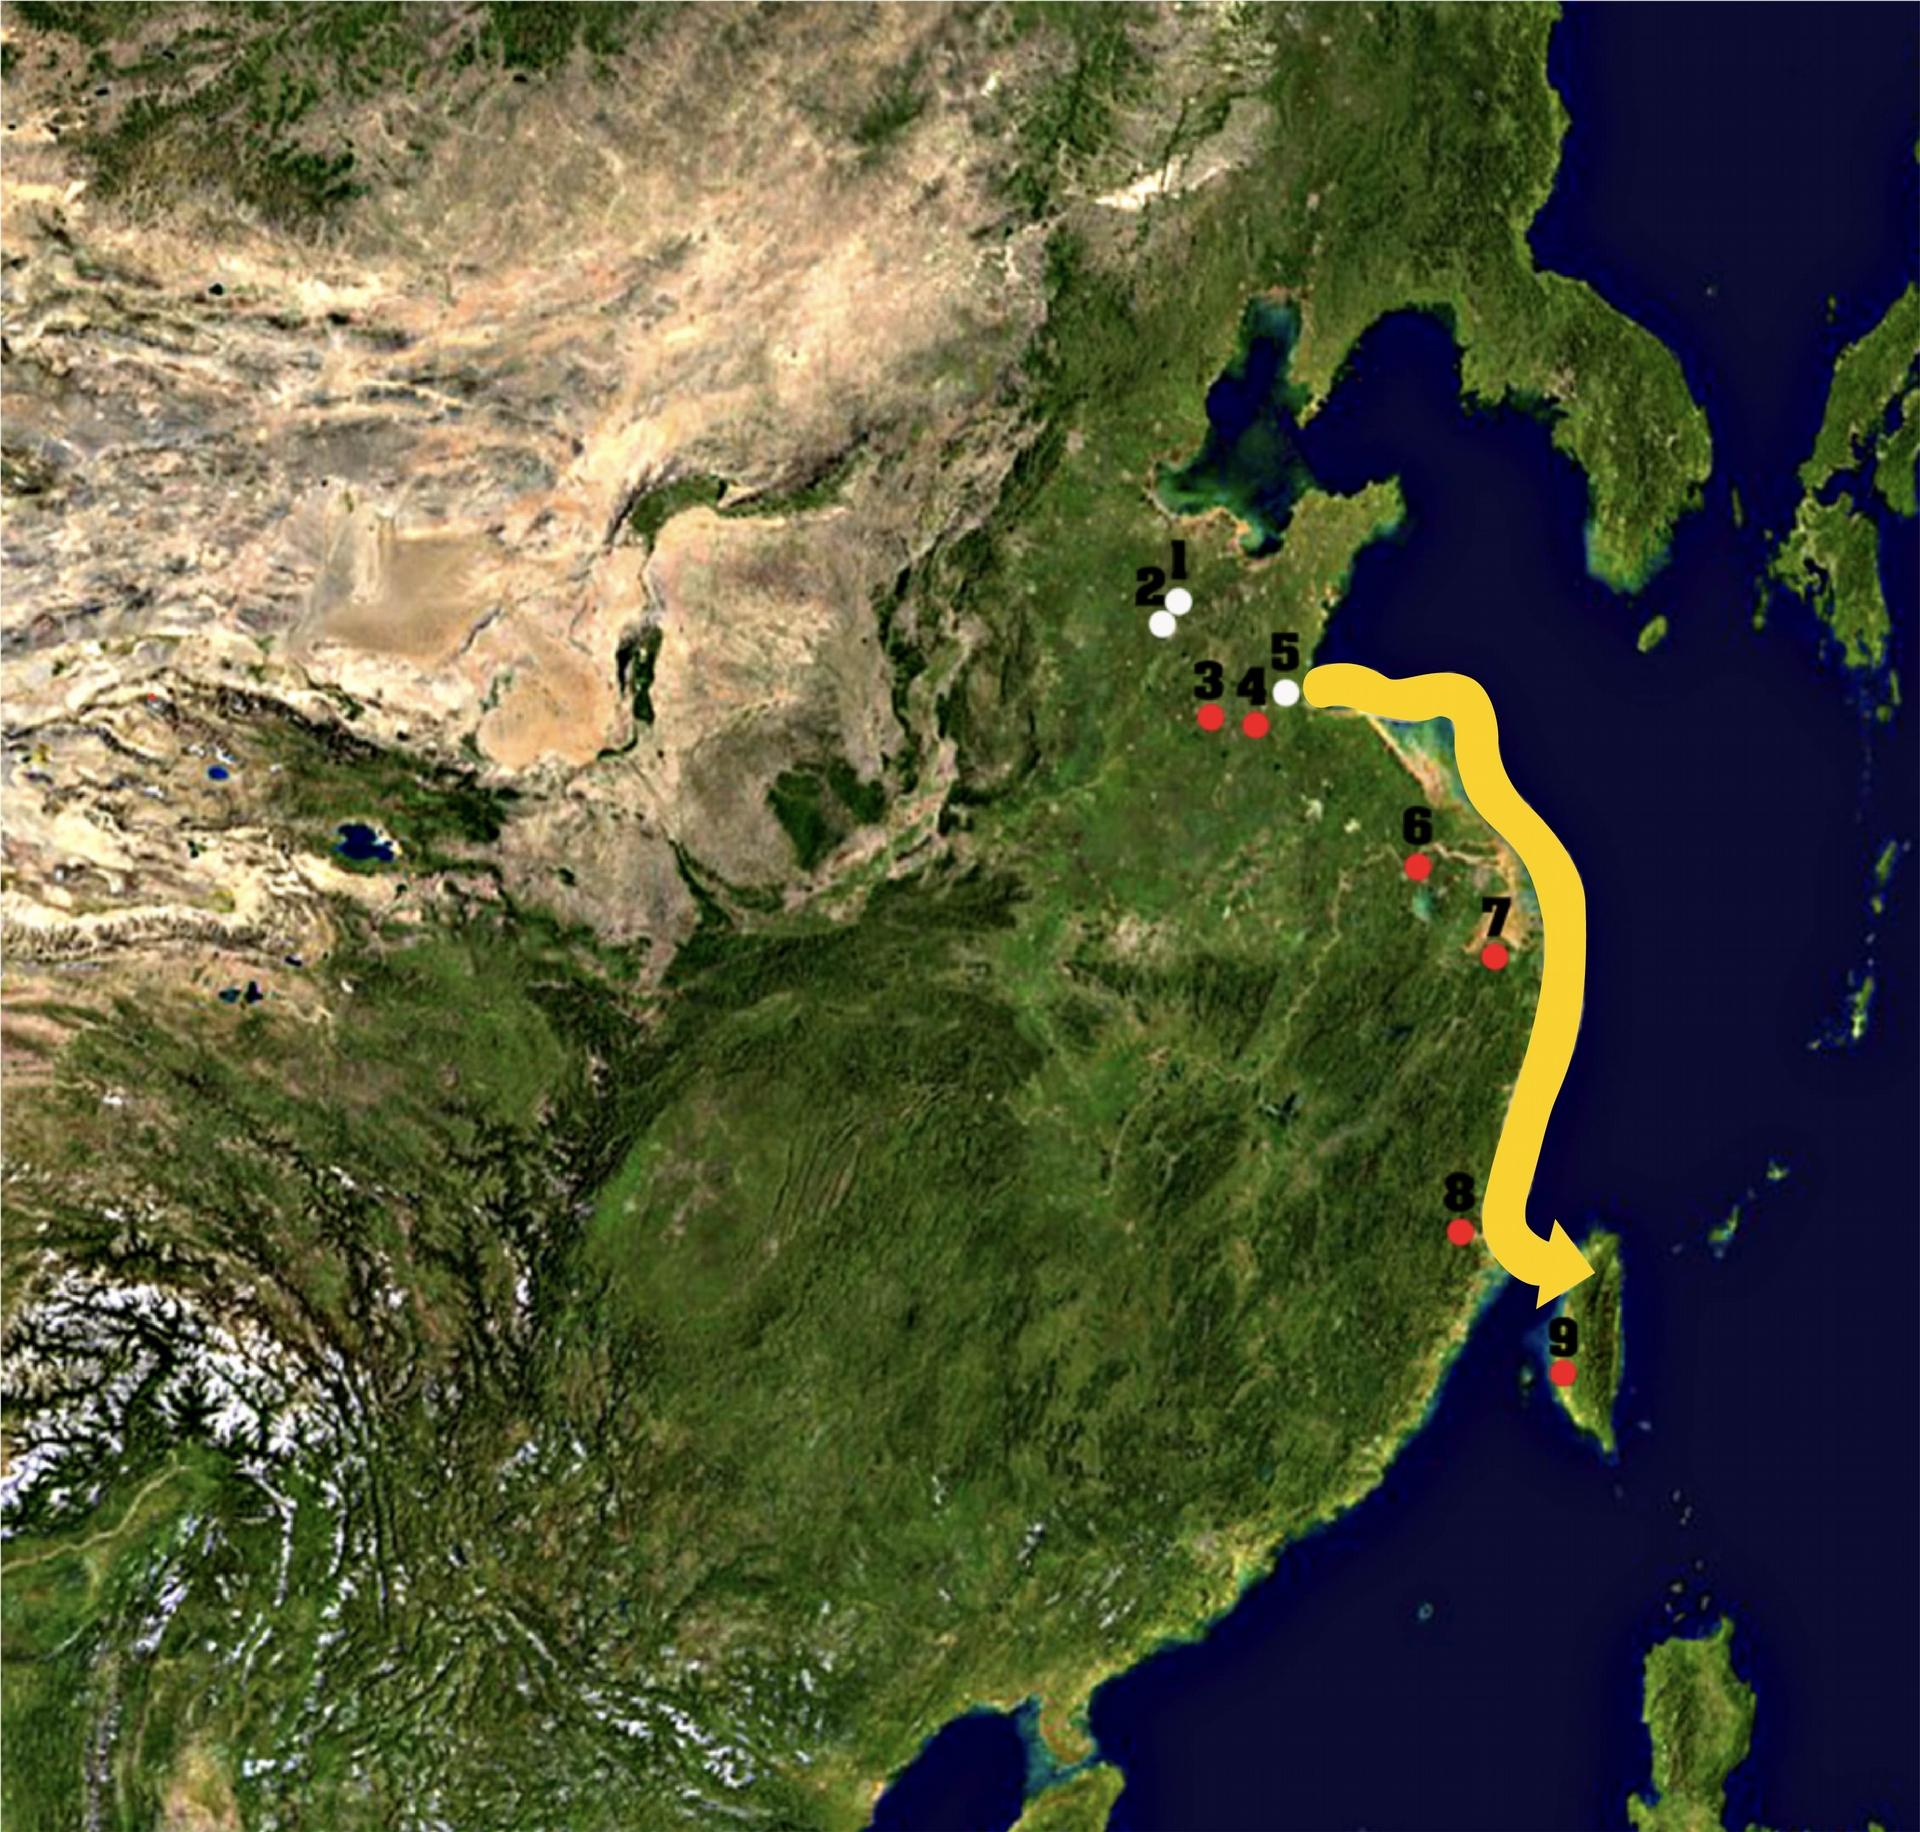 稻起源自長江流域,後來與山東起源的黍、稷一起往南方傳播,進入臺灣。黃色路徑顯示了從山東到臺灣的傳播路線,這個路線也許透漏南島語族遷徙的線索。 圖片來源│邢禹依